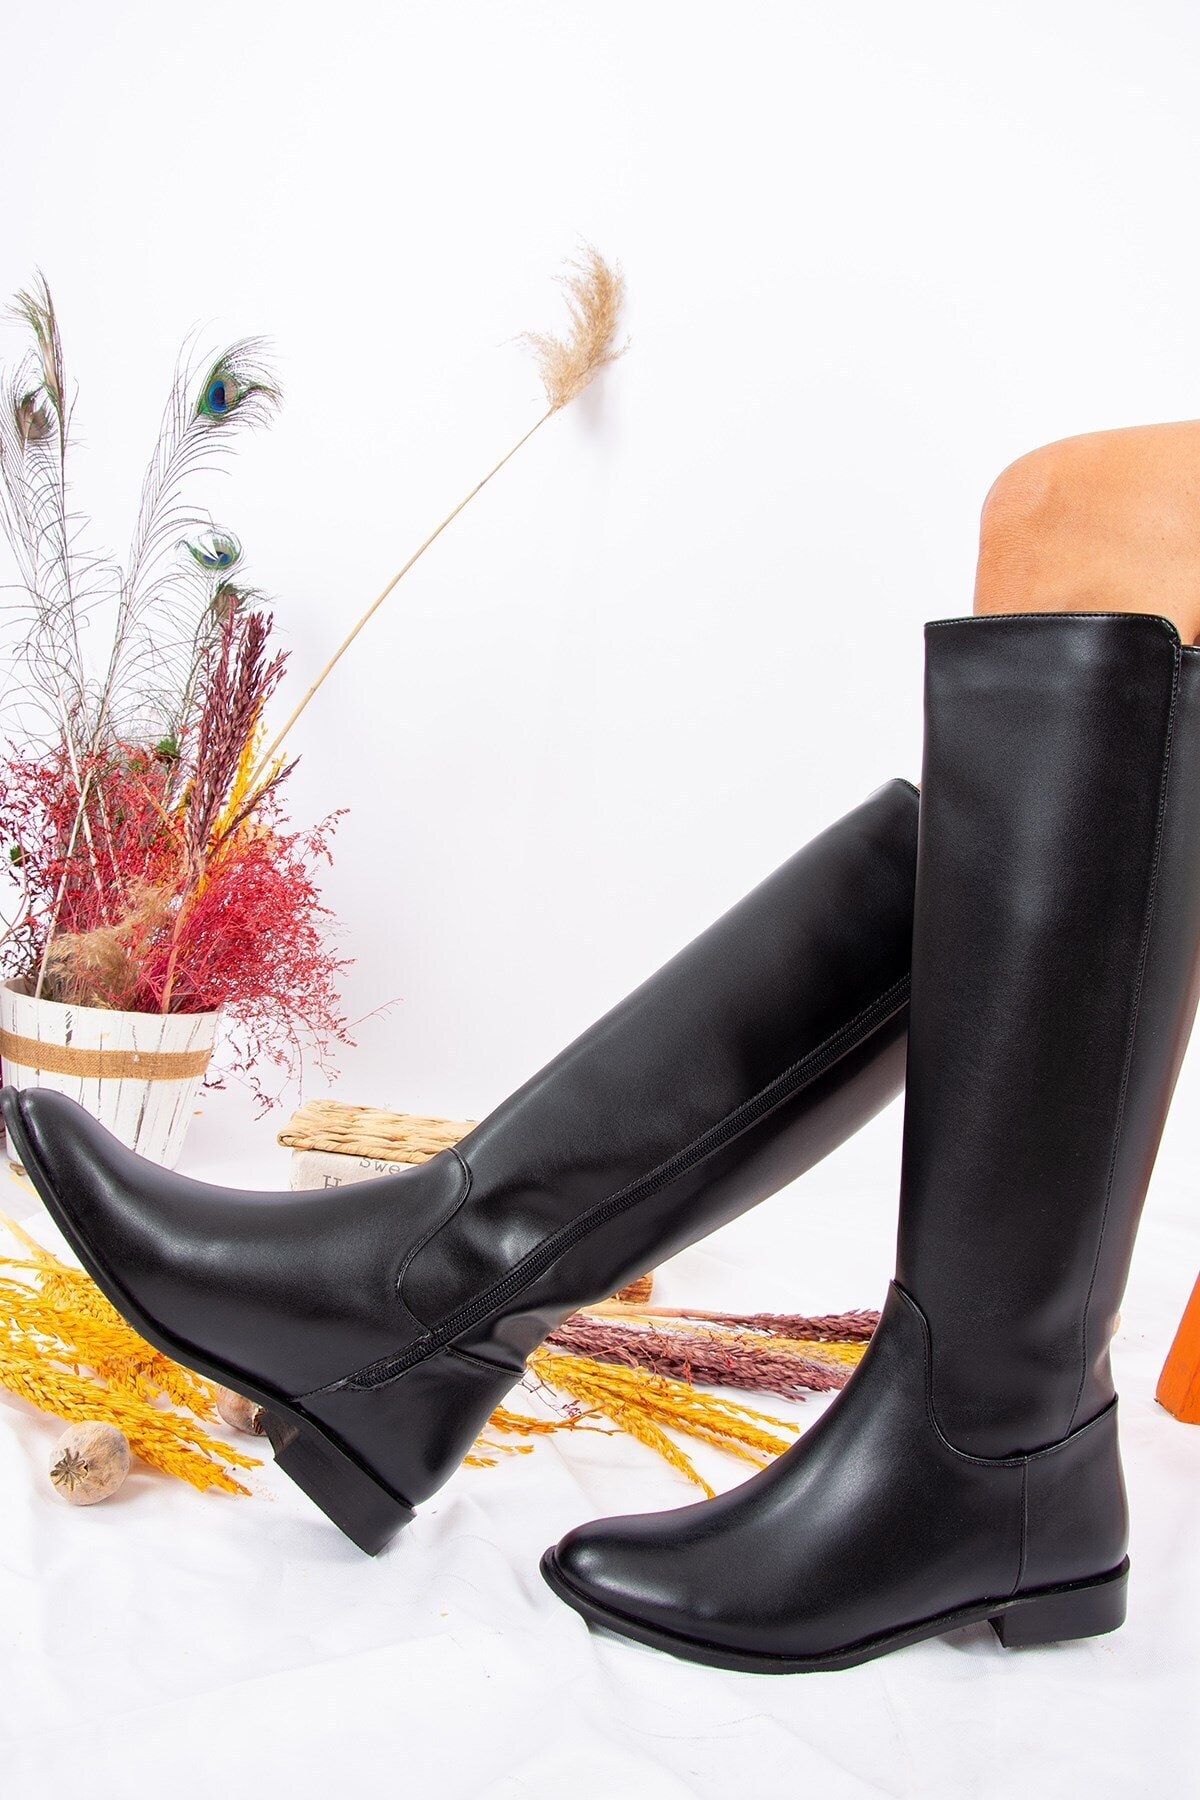 Fox Shoes Siyah Kadın Çizme J654065609 2